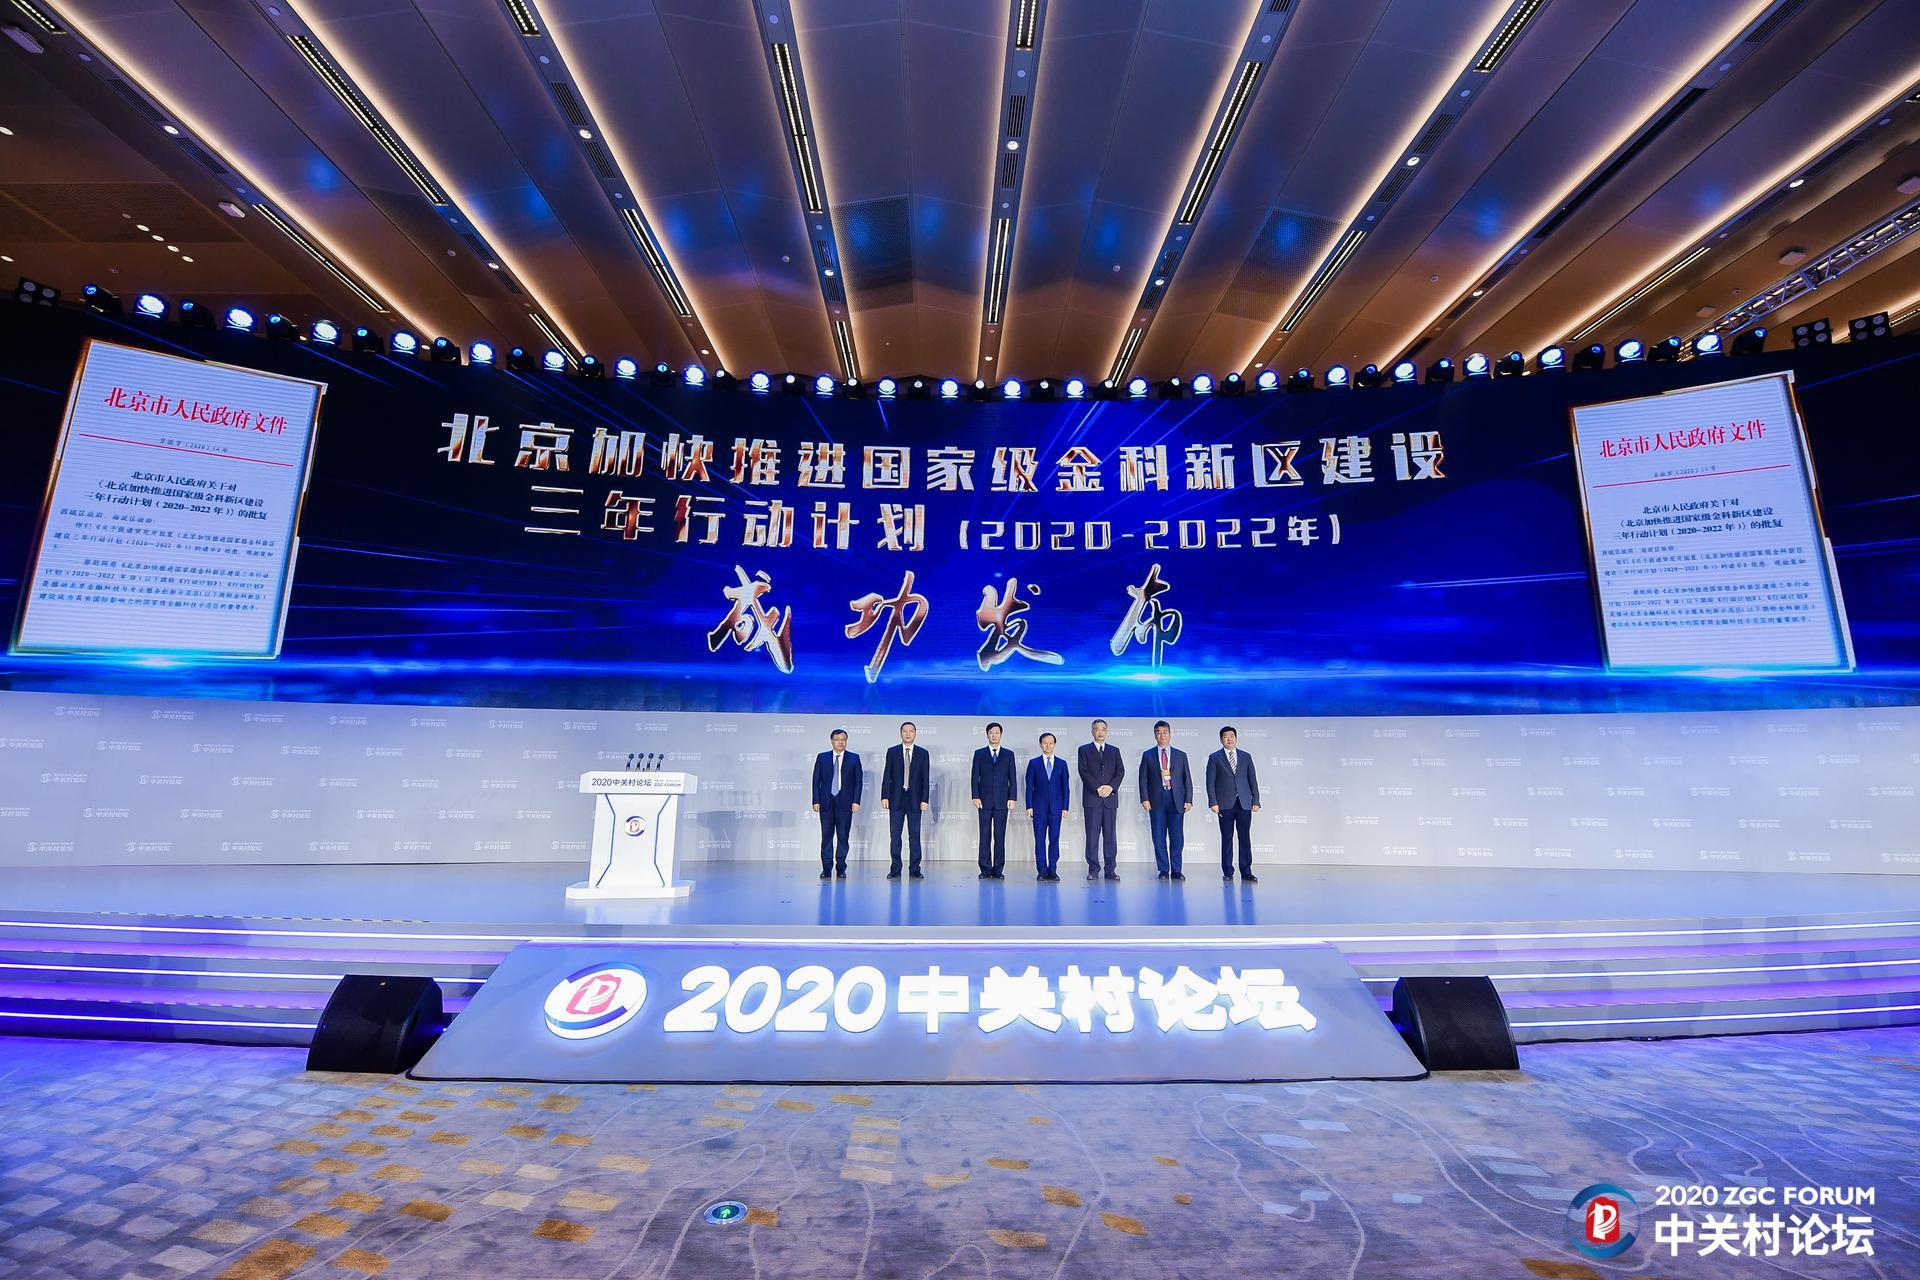 北京金科新区发布三年行动计划 推动金融与科技深度融合发展